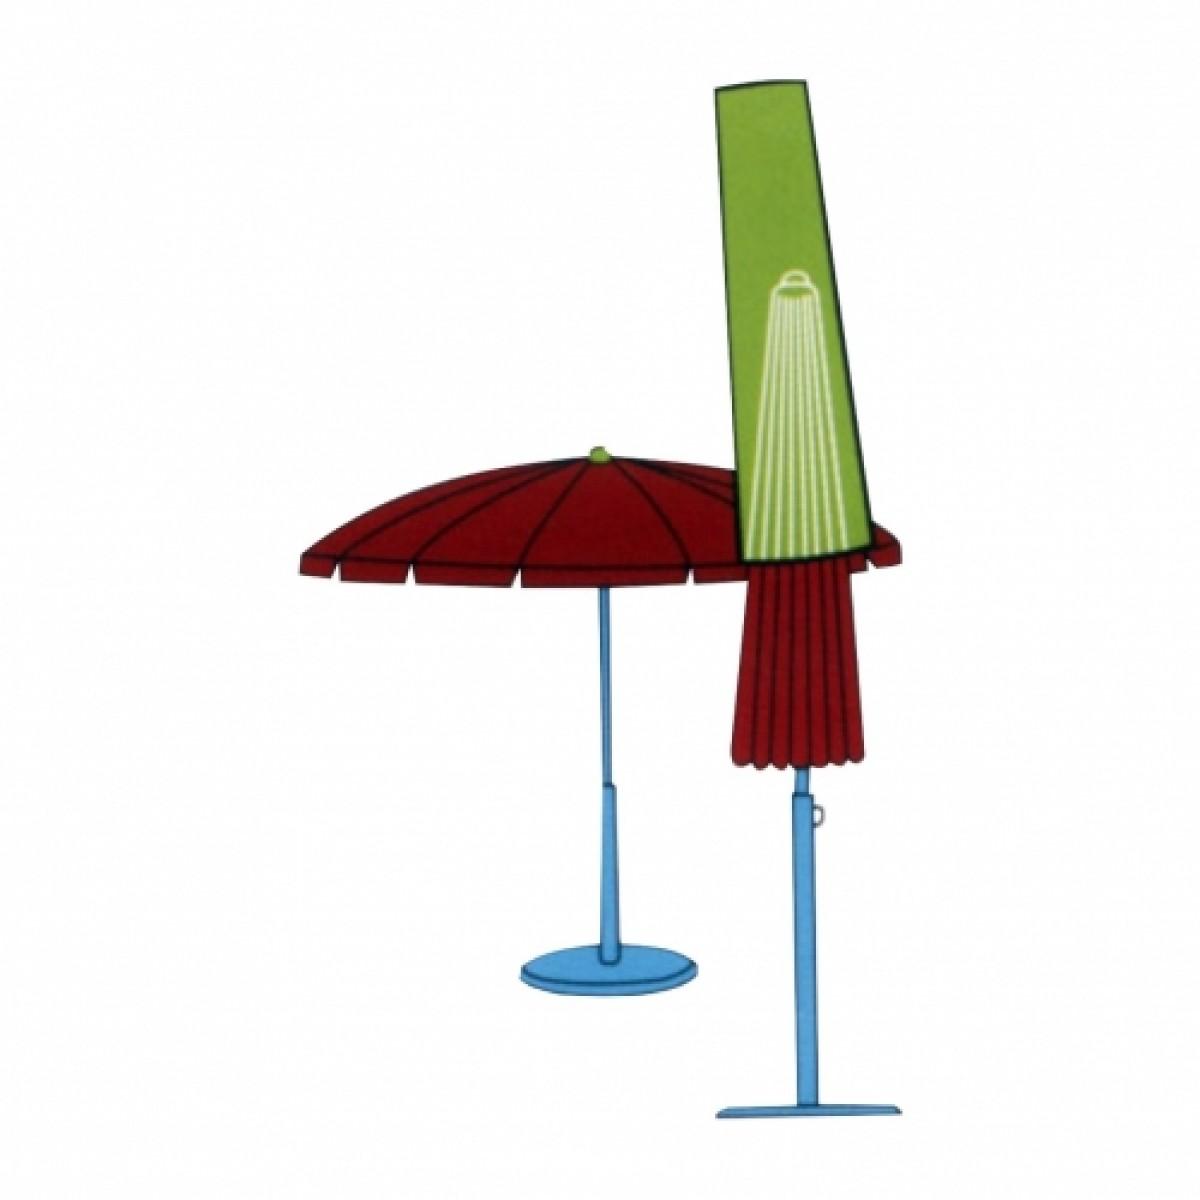 CONZEPT Overtræk til havemøbler parasol 230 cm.